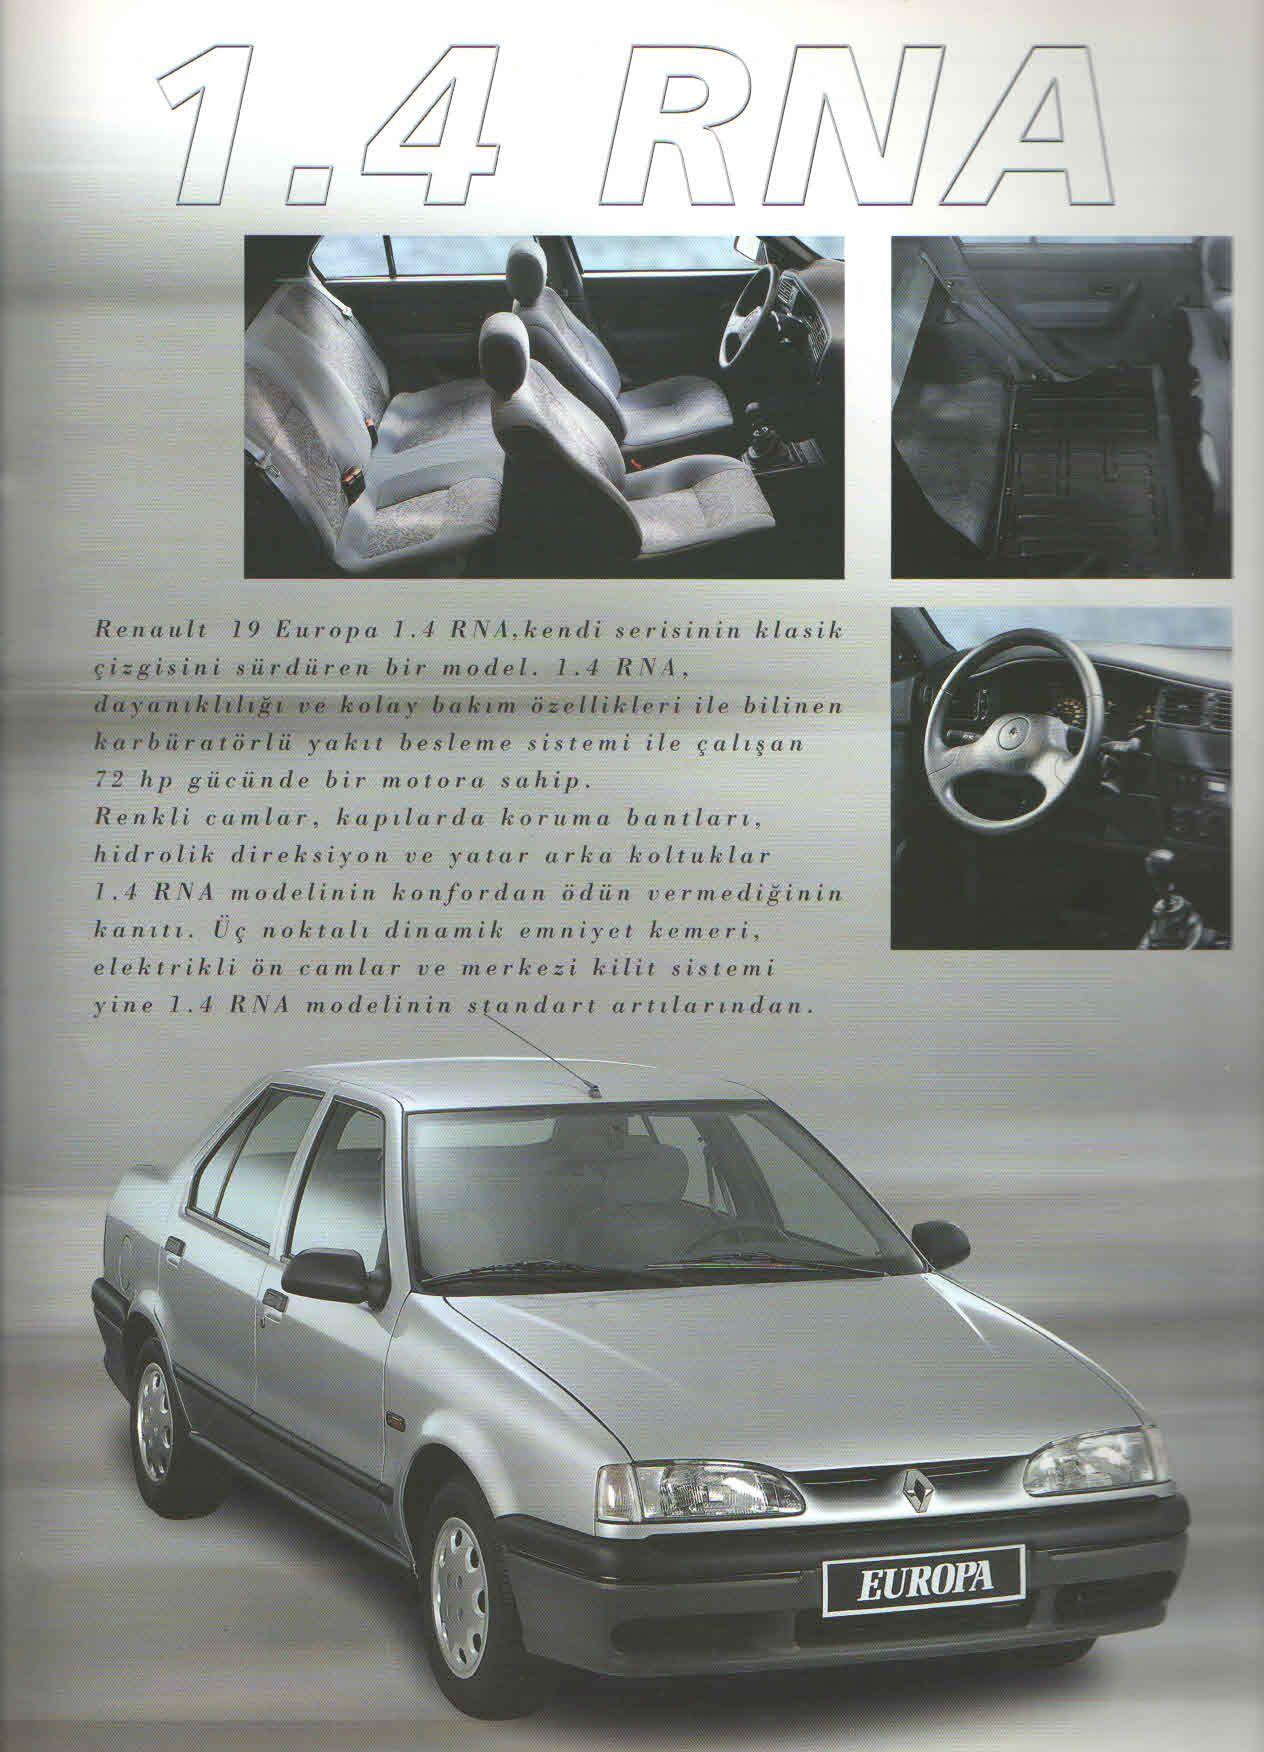 1998 Renault 19 Europa Turkish Catalog Page 17 20 1998 Renault 19 Europa Turkce Katalog Sayfa 17 20 Cars Renault Suv Car